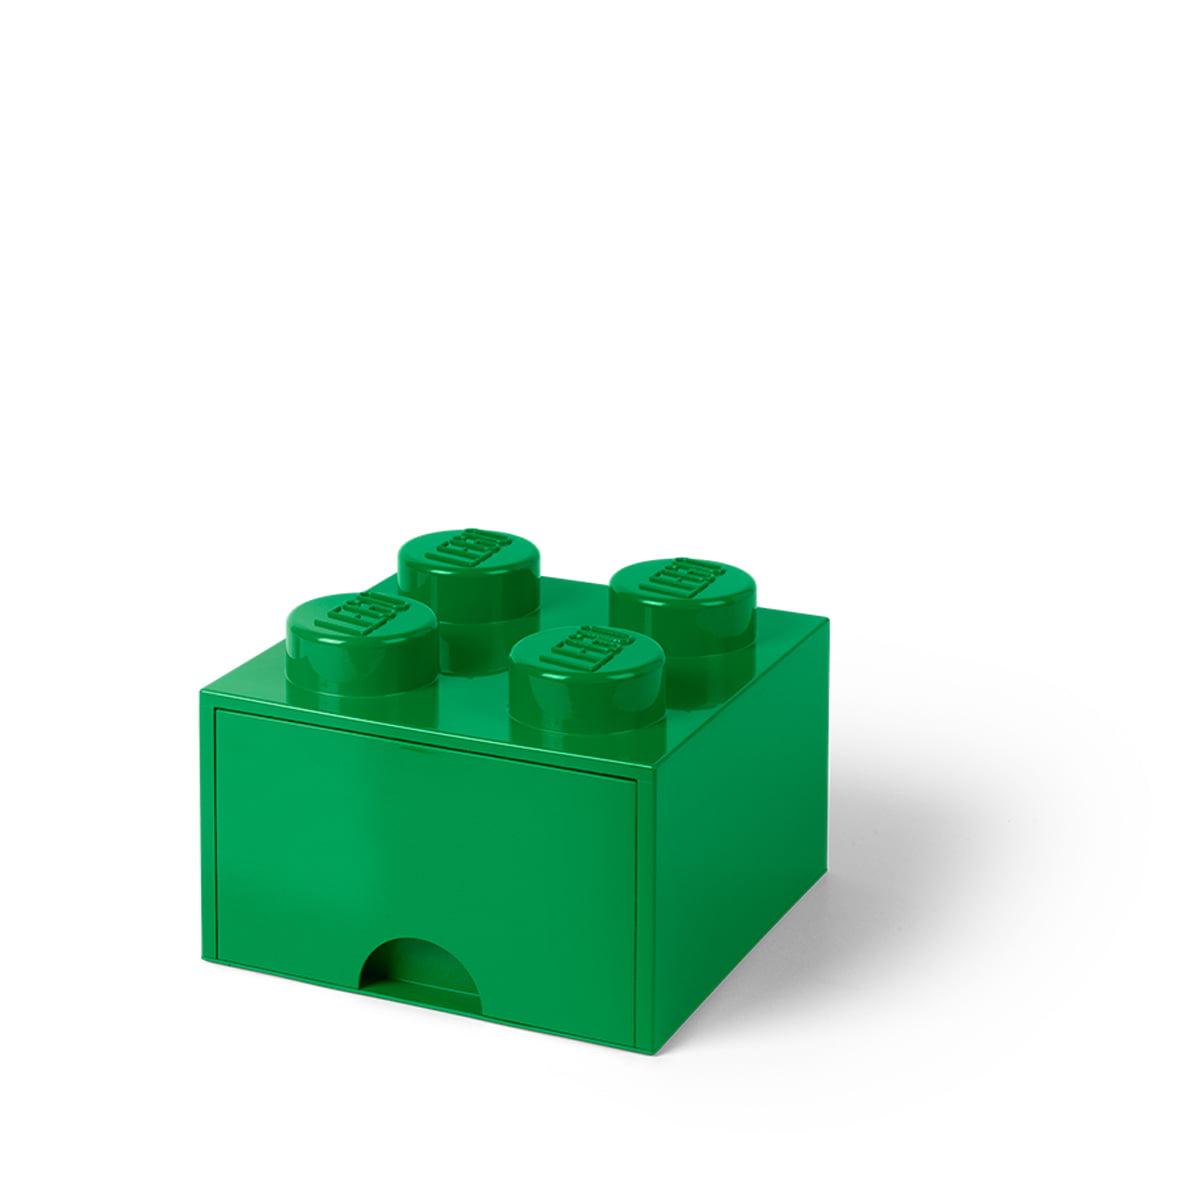 Lego - Brick Drawer 4 Aufbewahrungsbox, grün | Kinderzimmer > Spielzeuge | Grün | Lego